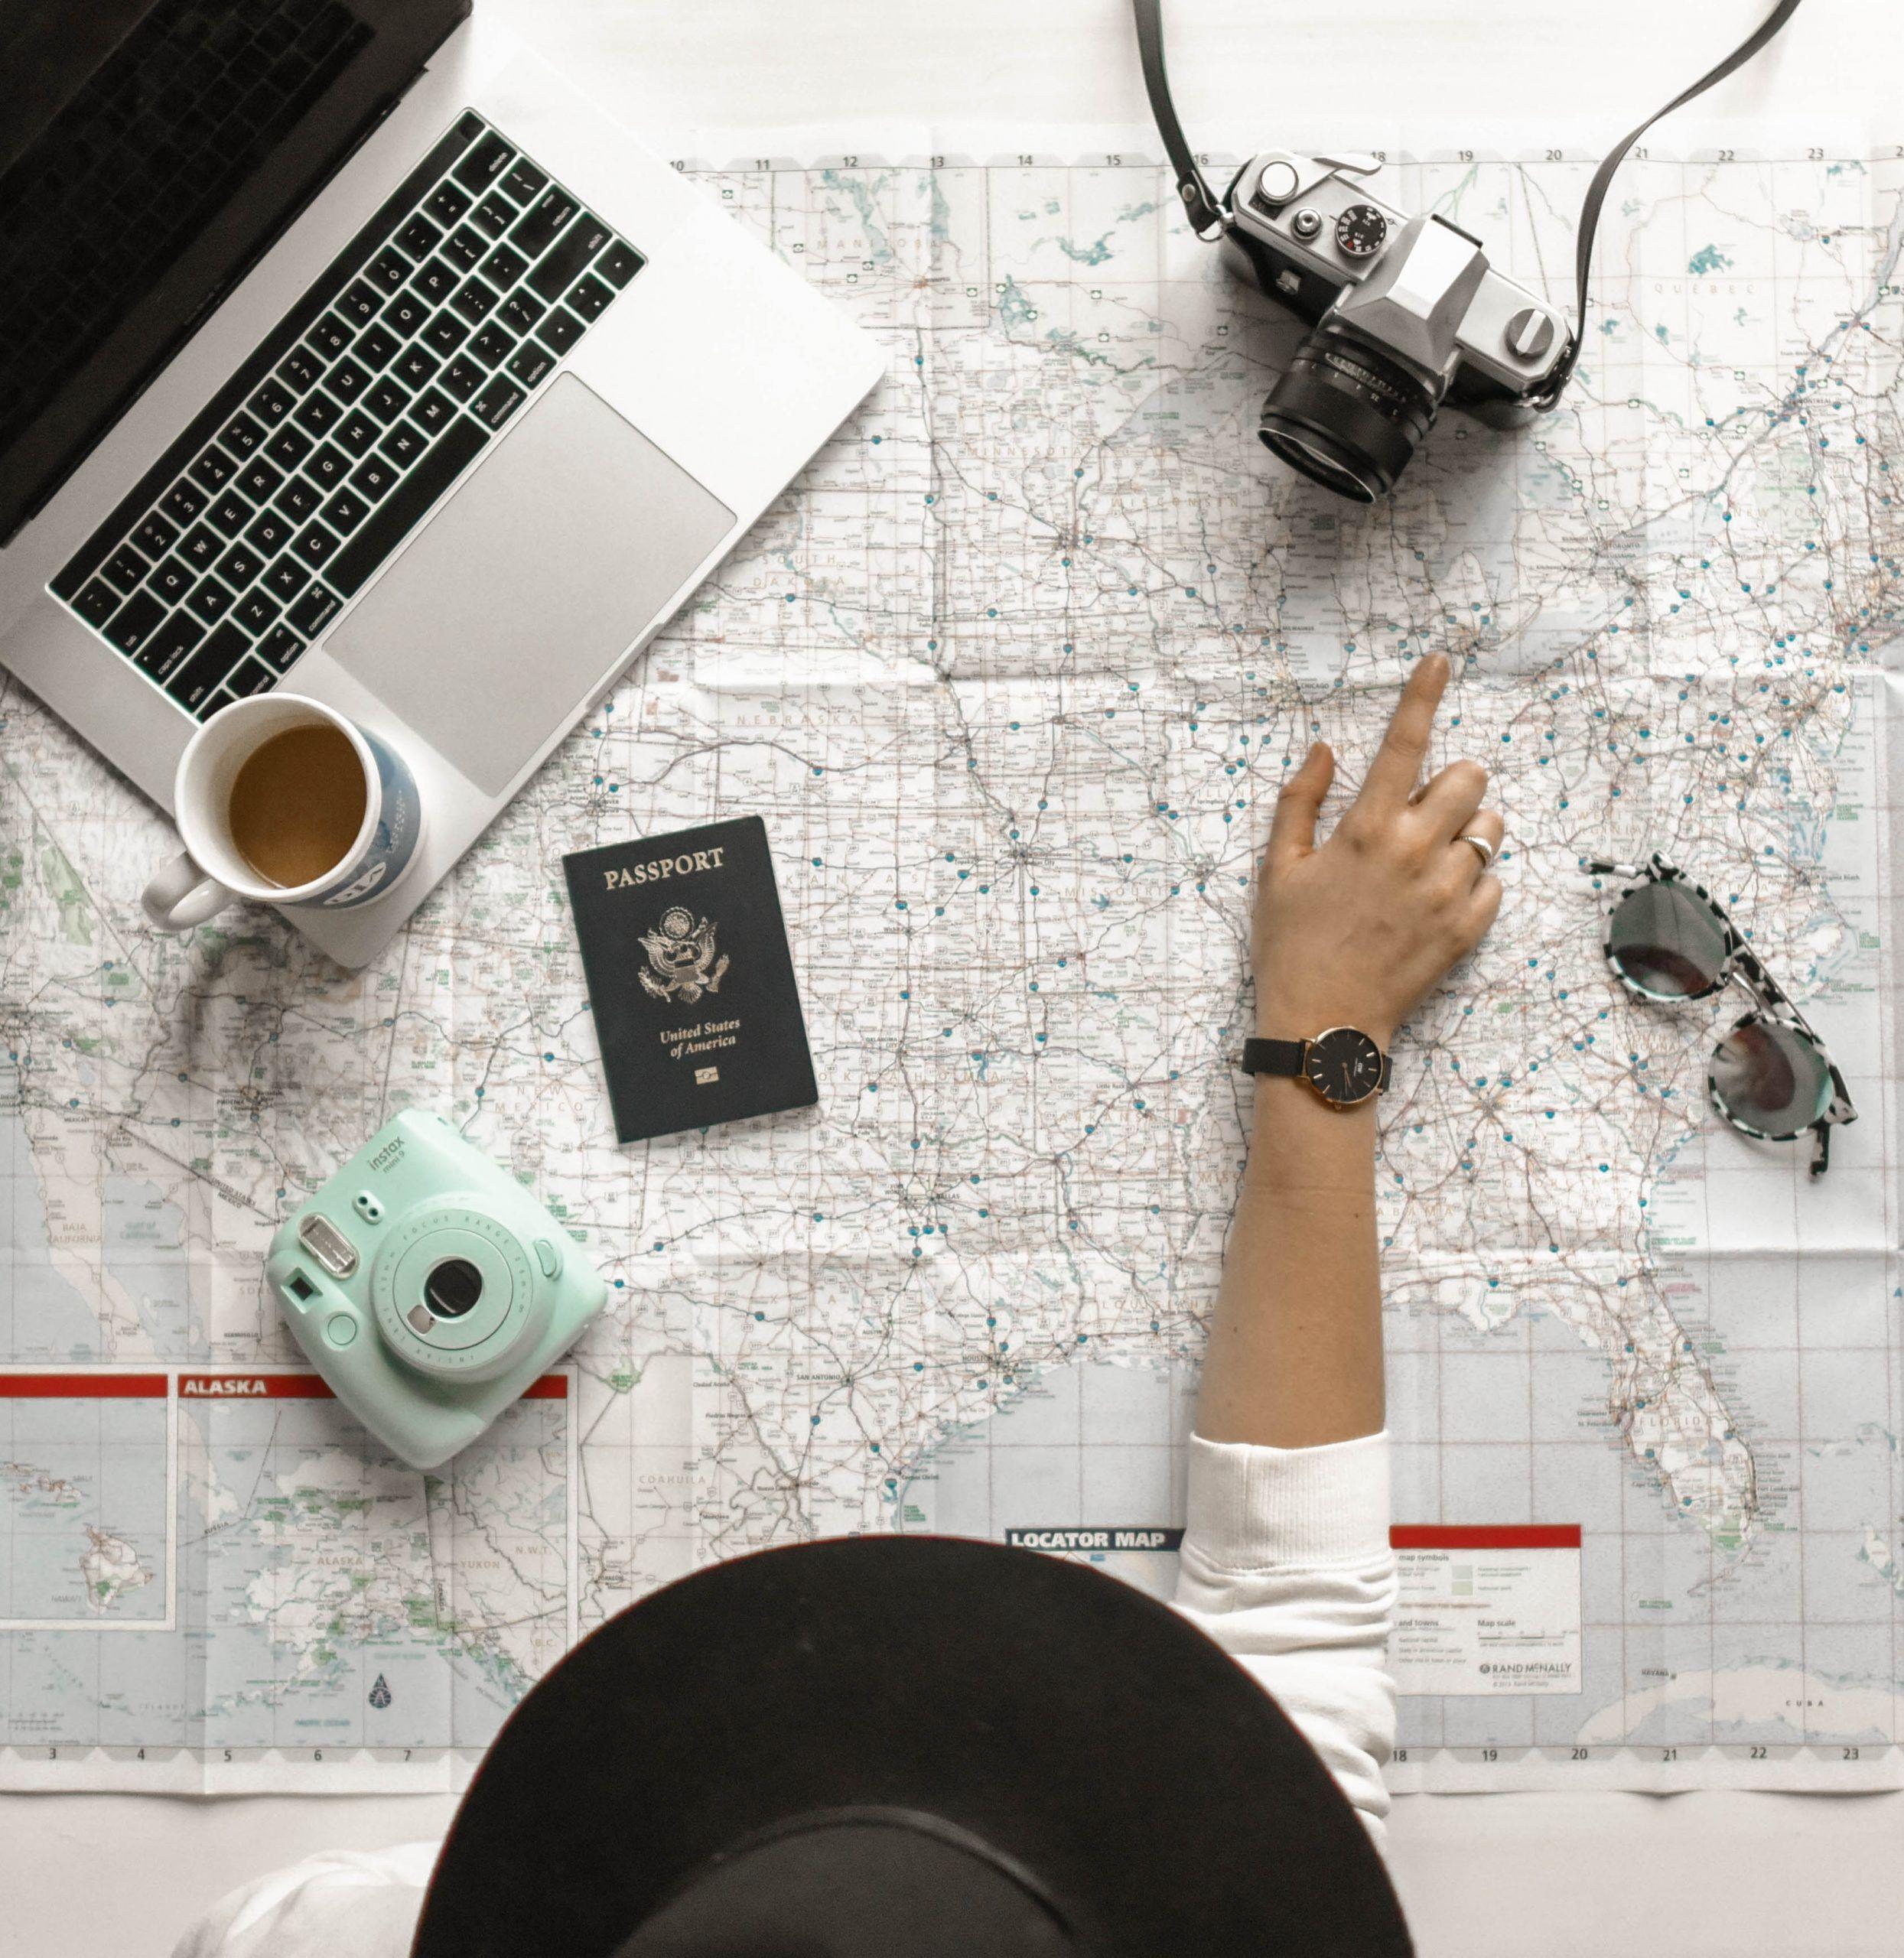 Οι blogging θεματολογίες με τις οποίες μπορείς να βγάλεις λεφτά